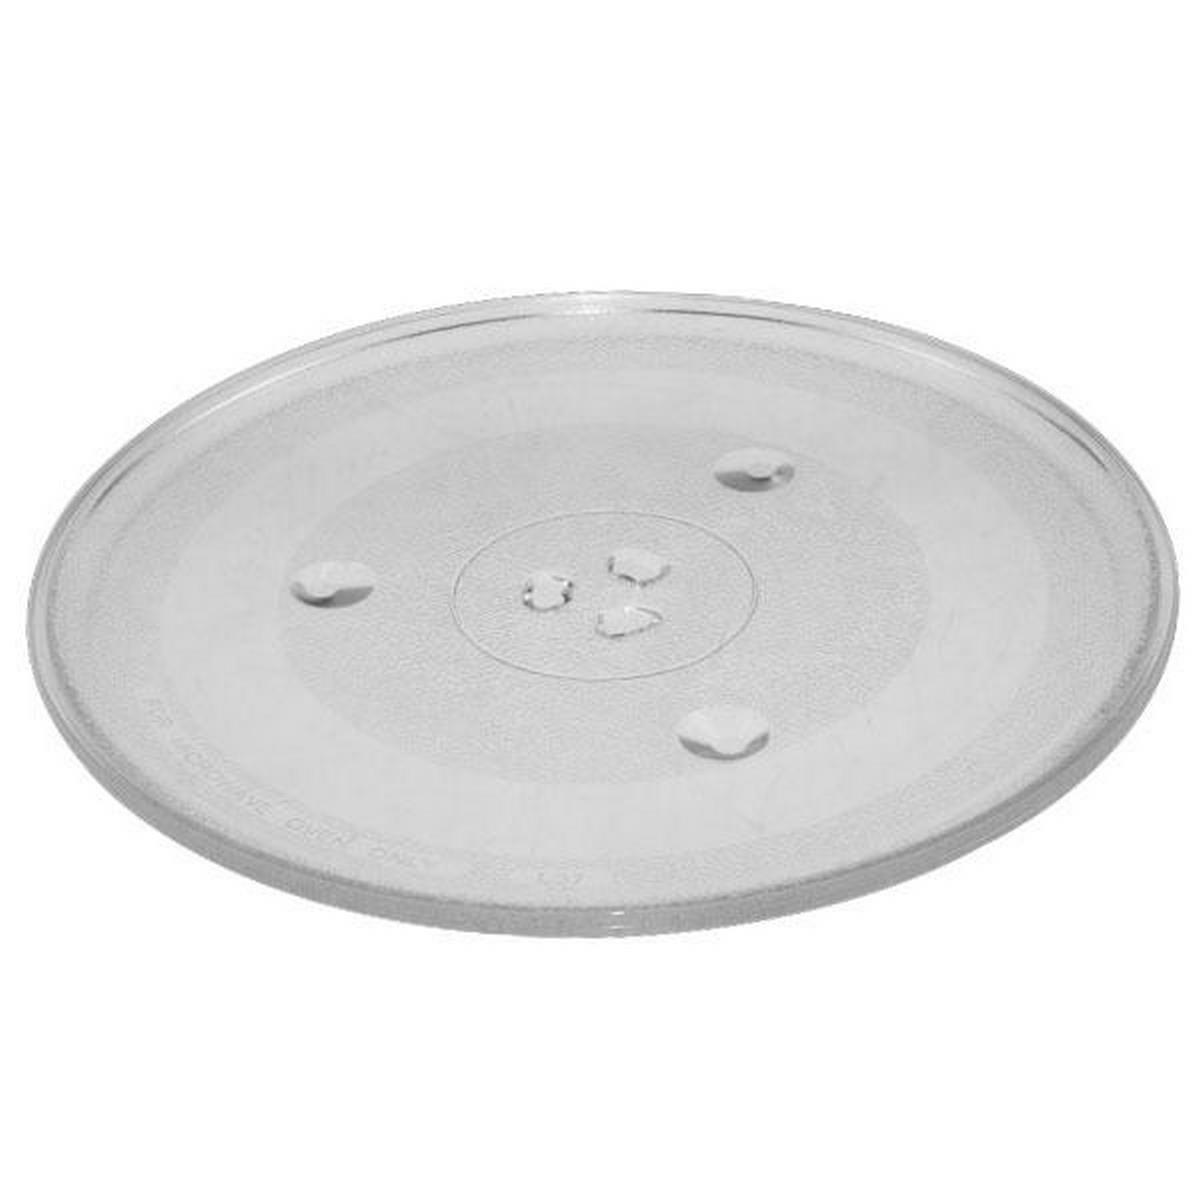 Plato giratorio de cristal - horno microondas - Ariston Hotpoint ...